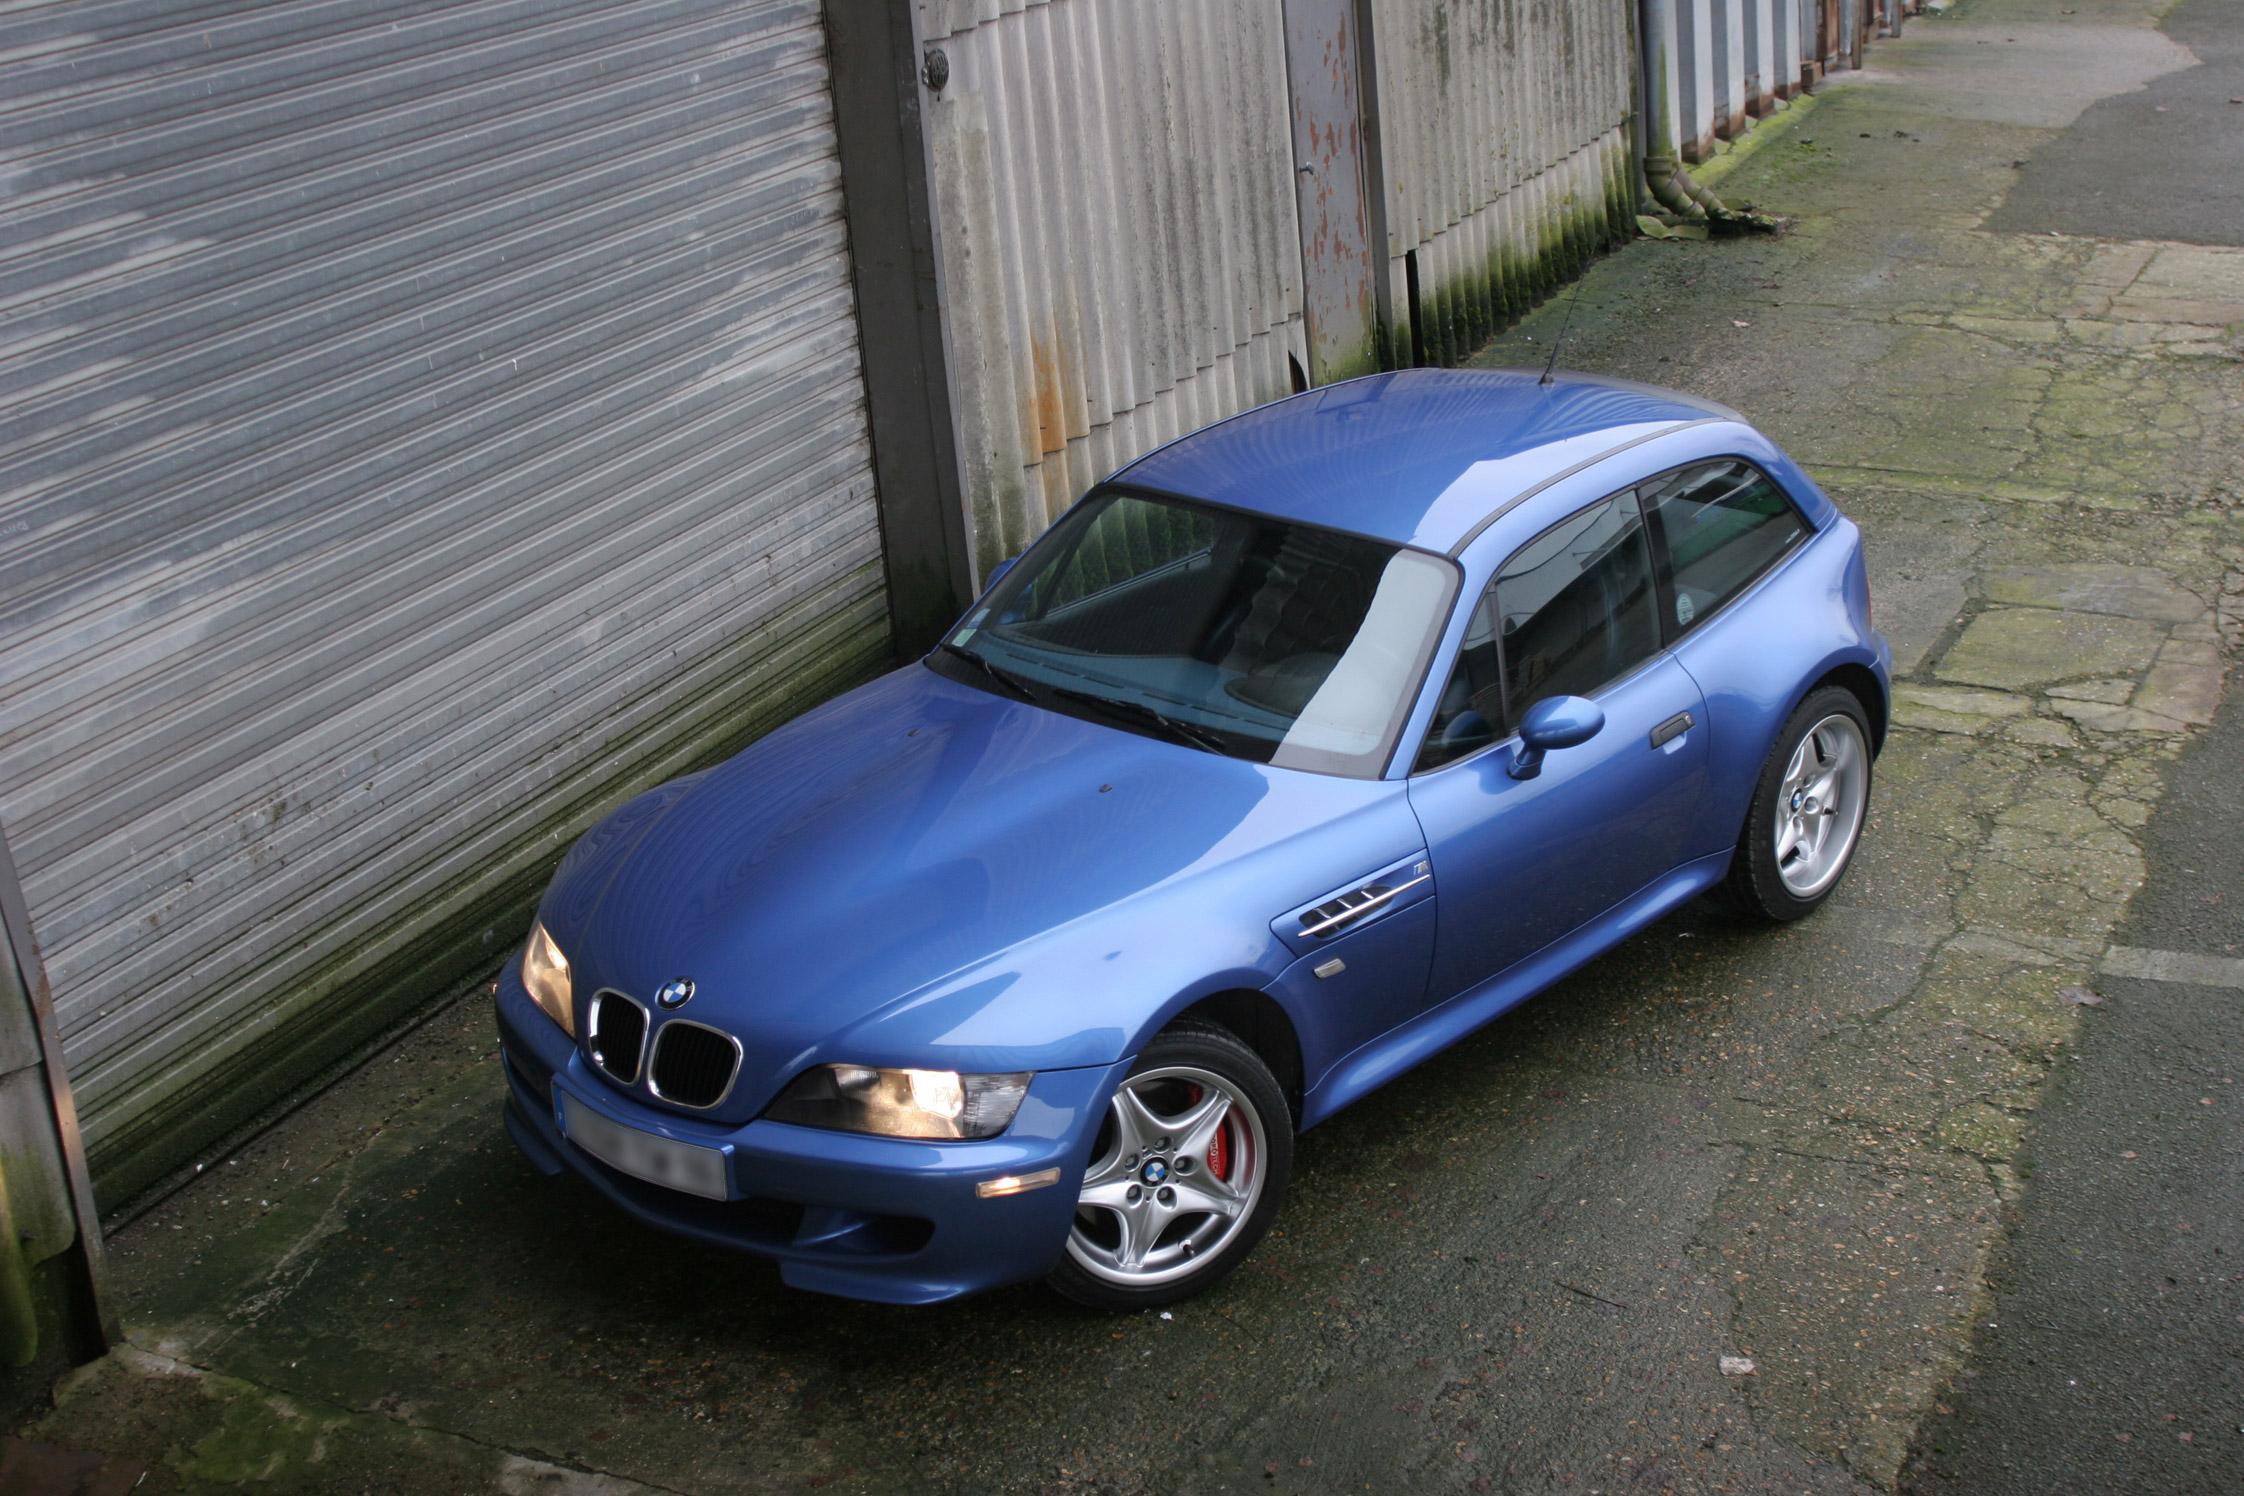 Acheter une BMW Z3 Coupé (E36) - guide d'achat - Motorlegend